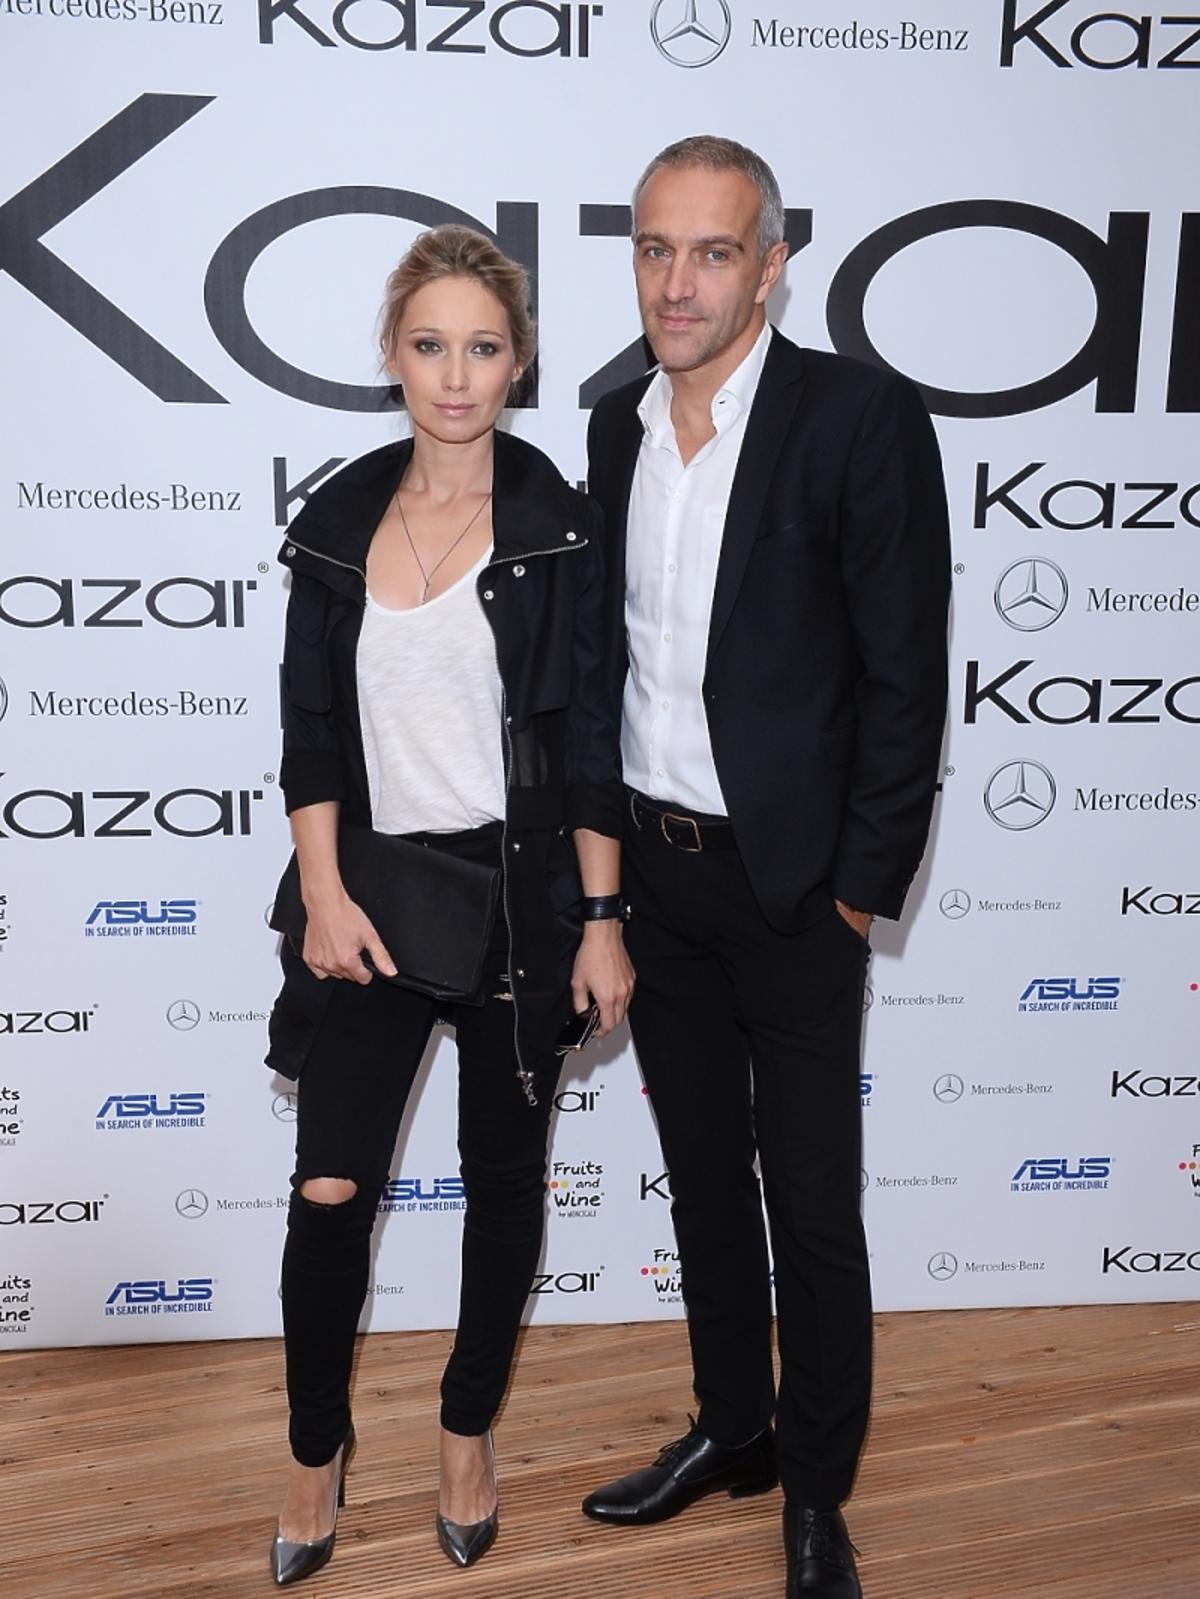 Joanna Orleańska z mężem na pokazie kolekcji marki Kazar